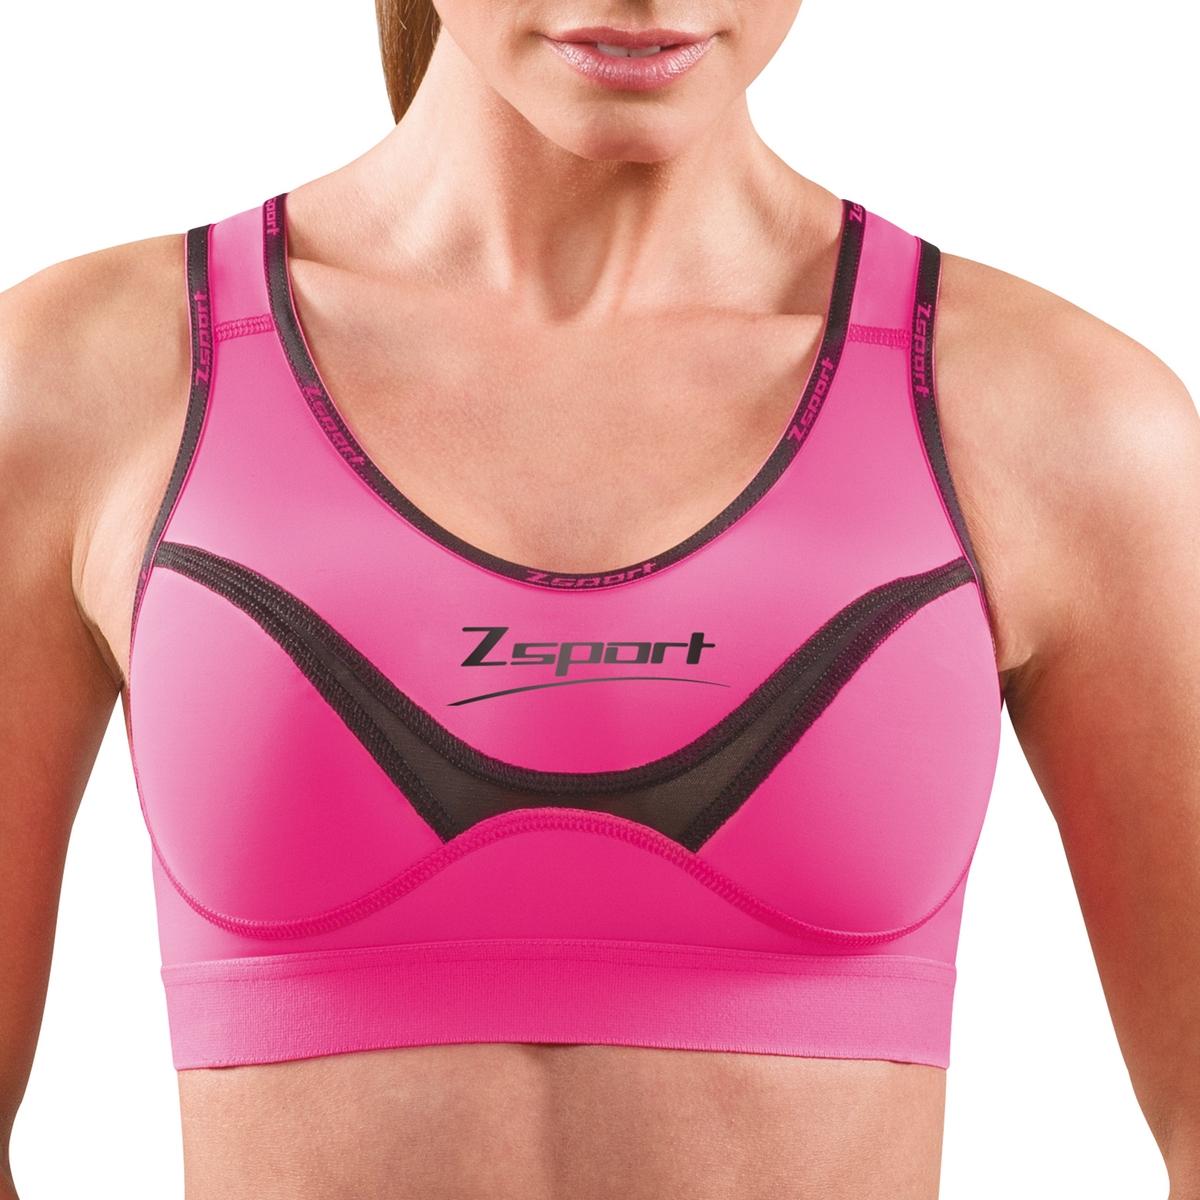 Бюстгальтер спортивный Soft TouchСпортивный бюстгальтер Soft Touch от ZSPORT. Новый покрой, ограничивающий движение груди во время нагрузки, а также предотвращающий перегревание спины. Дышащий техничный текстиль, отводящий влагоиспарения тела.                Широкие бретели с подкадкой из очень мягкого текстиля для оптимальной поддержки. Плоские внешние швы, предотвращающие раздражение кожи.Спинка-борцовка для полной свободы движения.Спортивный бюстгальтер из 84% полиамида, 16% эластана.Стирать при 30°. Не сушить в машинке.<br><br>Цвет: розовый<br>Размер: 90 C (FR) - 75 C (RUS).95 C (FR) - 80 C (RUS)